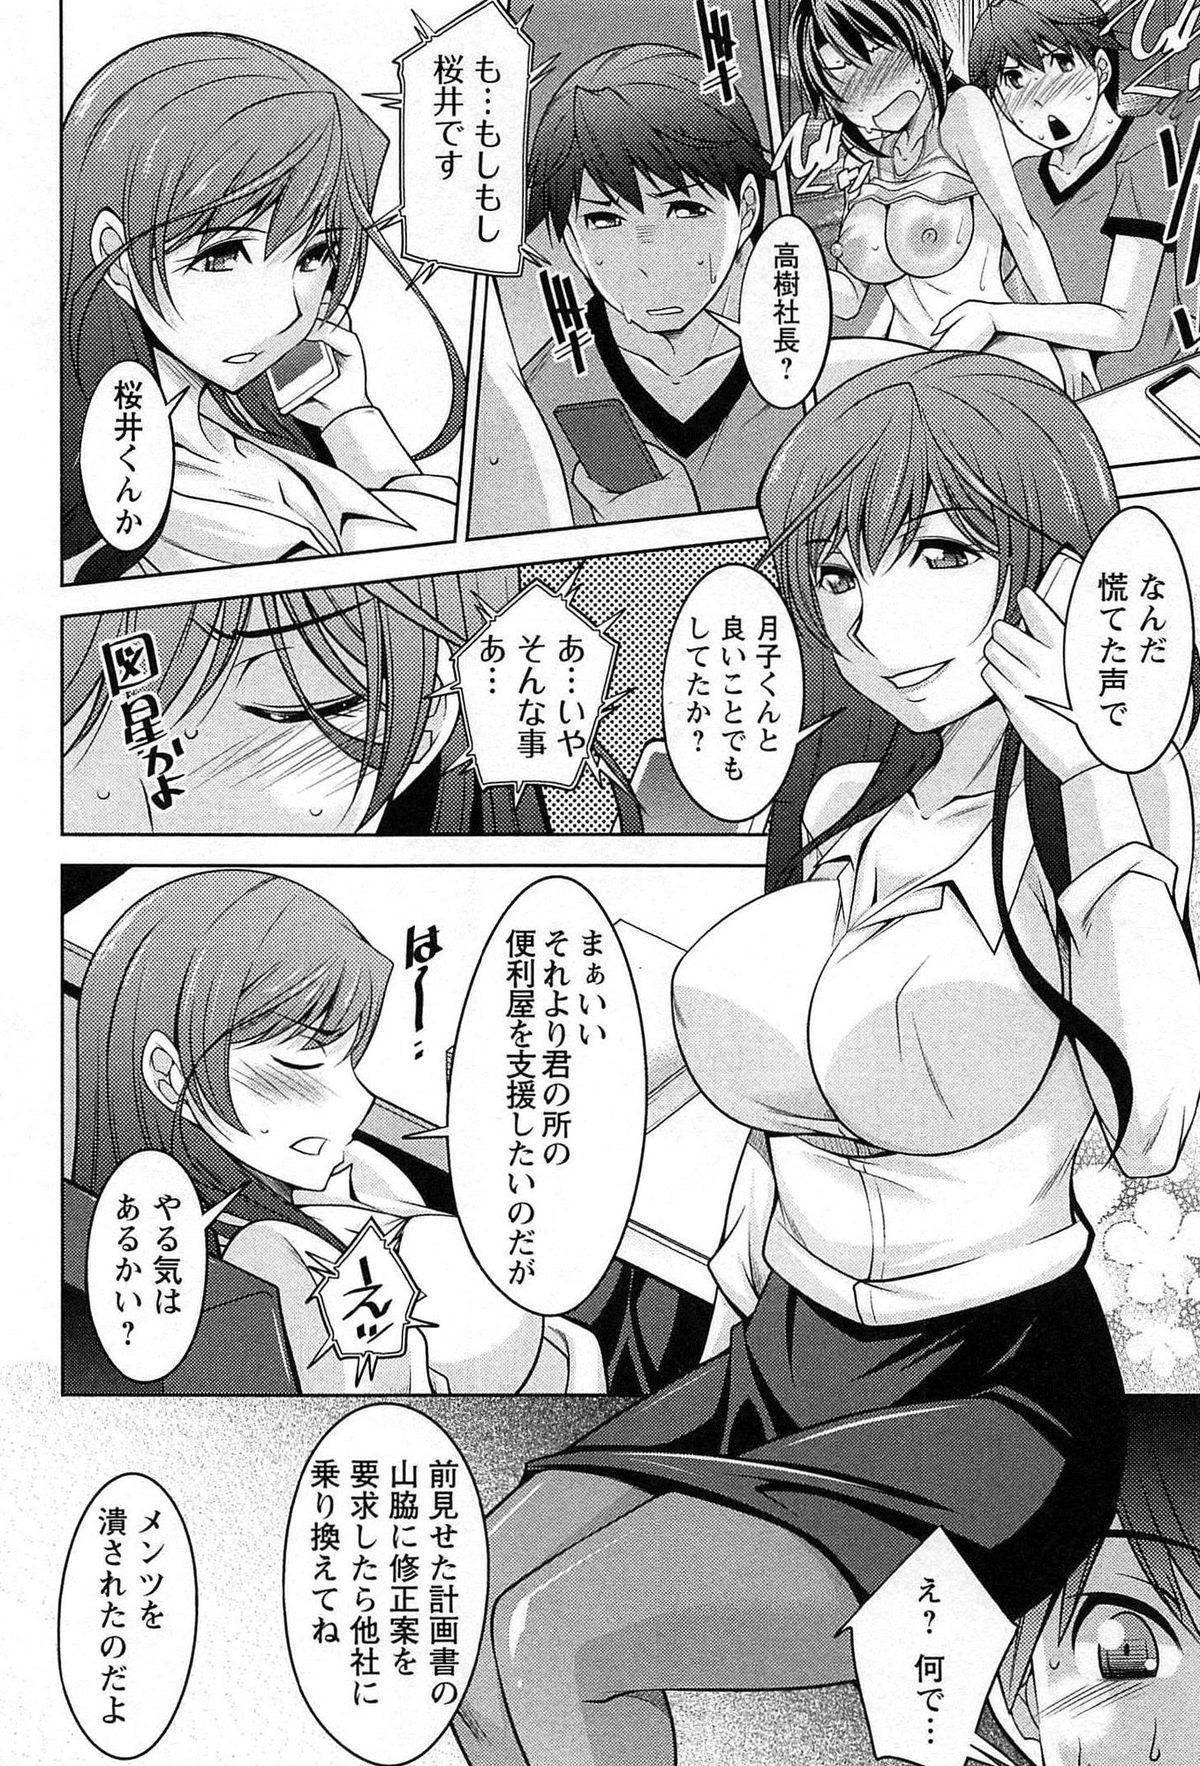 [zen9] Tsuki-wo Ai-Shite - Tsuki-ni Koi-shite 2 168